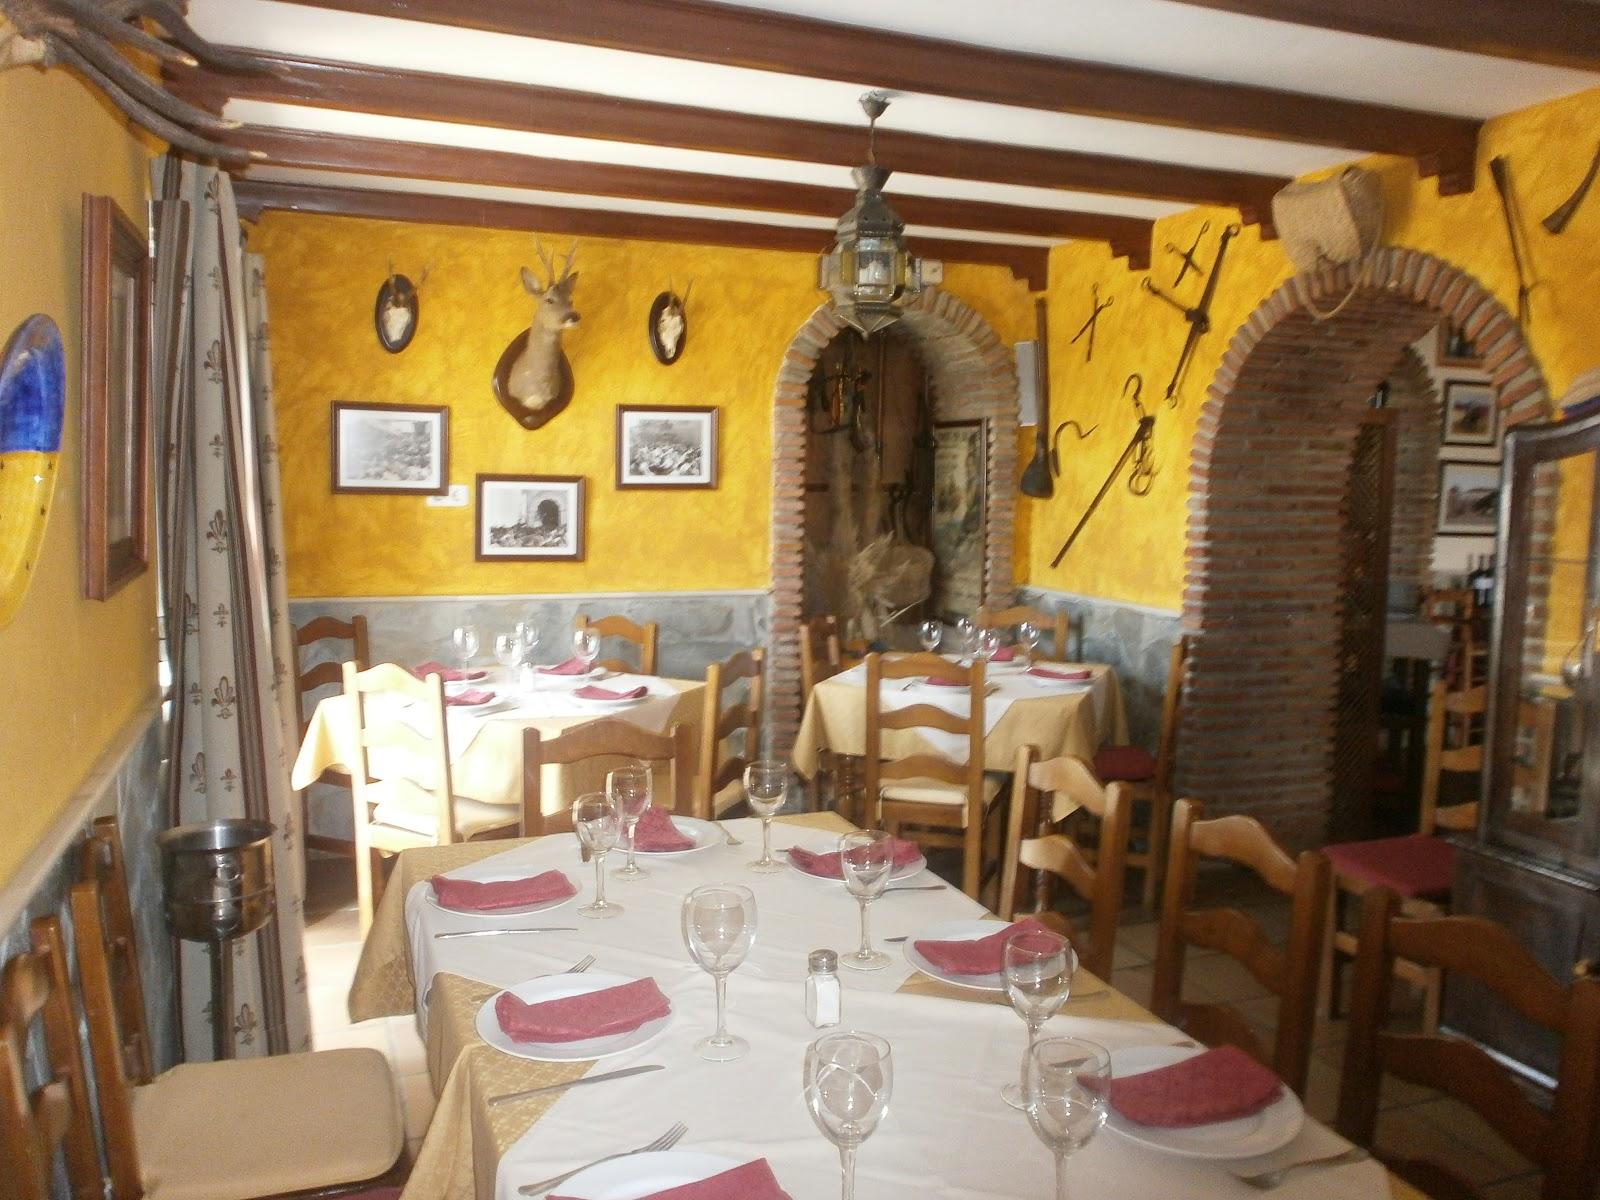 Venta Restaurante 4 Caminos: Comedores